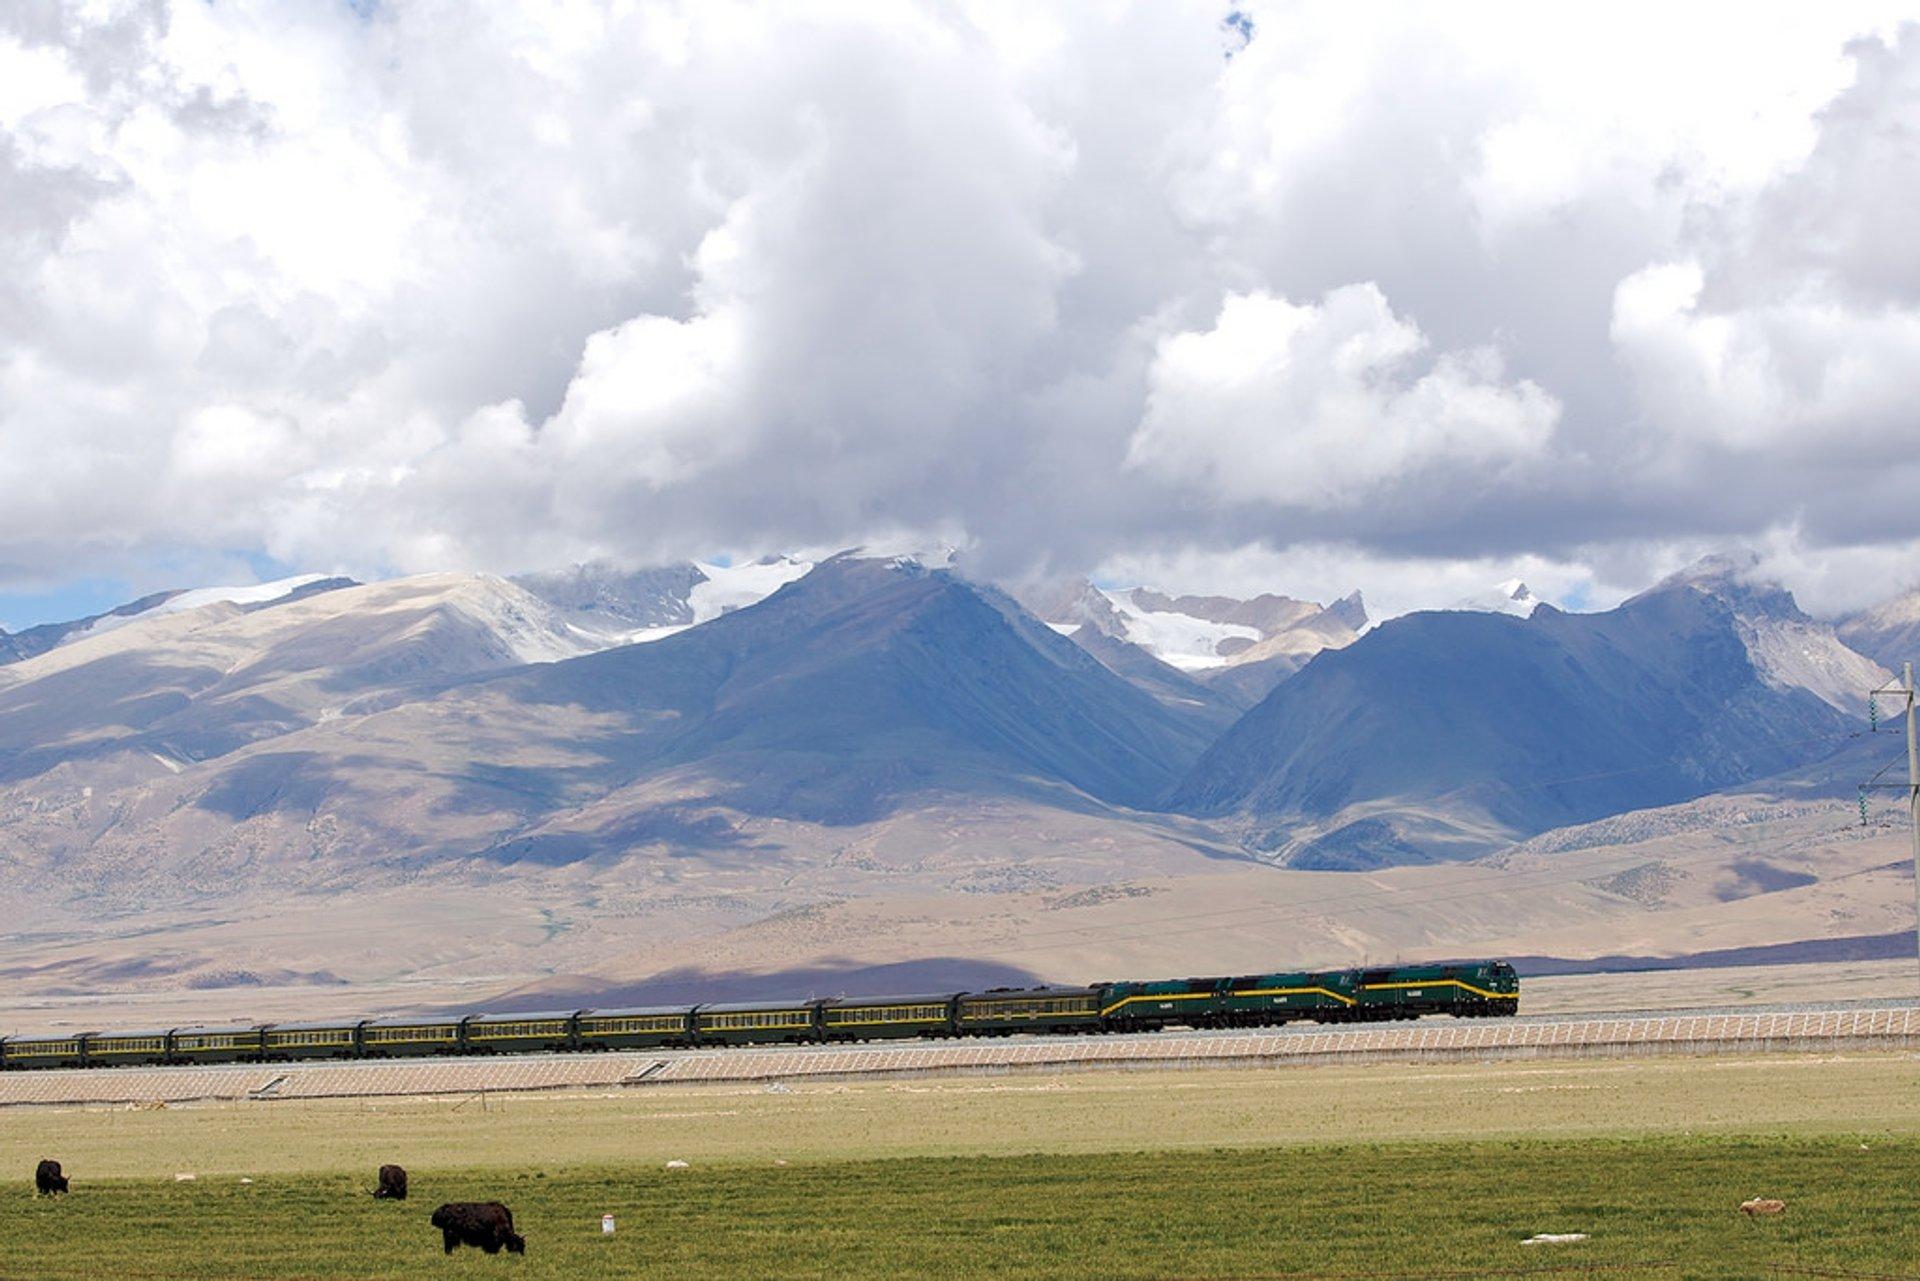 Qinghai-Tibet Railway in Tibet 2020 - Best Time